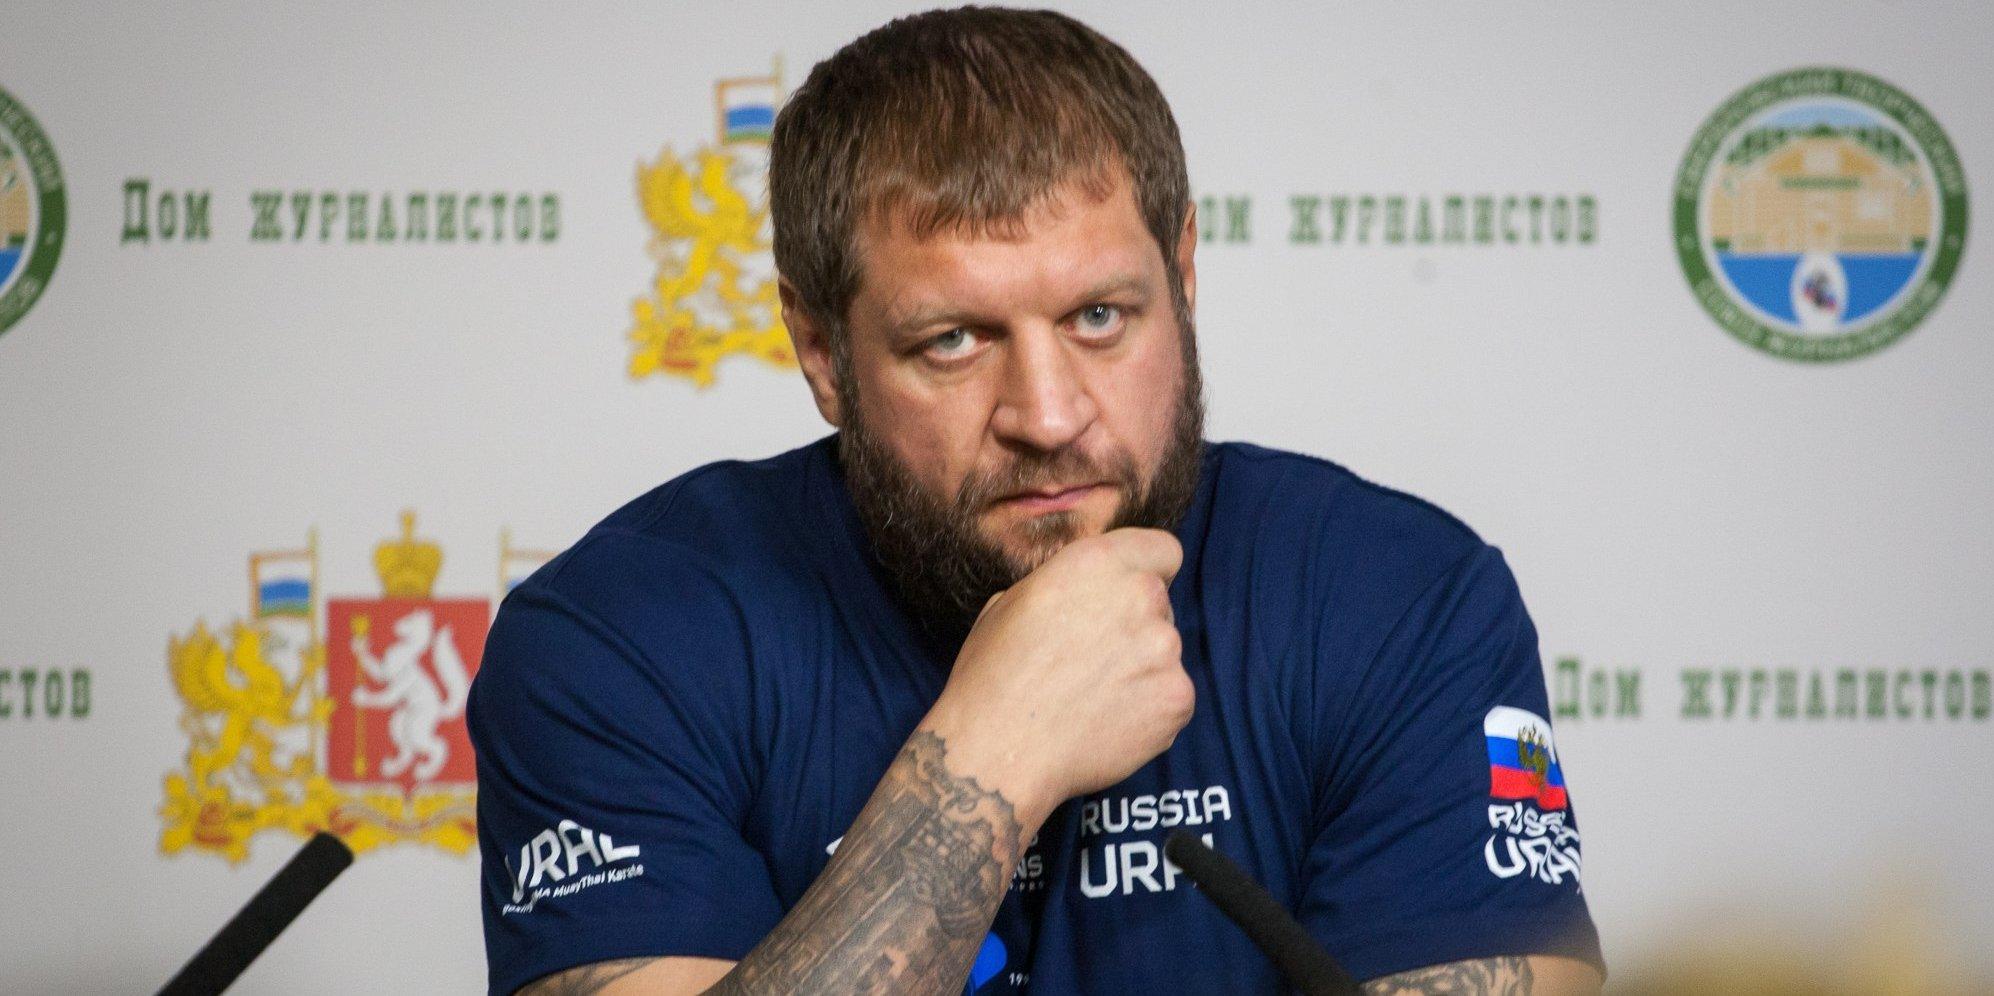 Емельяненко планирует провести еще один бой до схватки с Исмаиловым